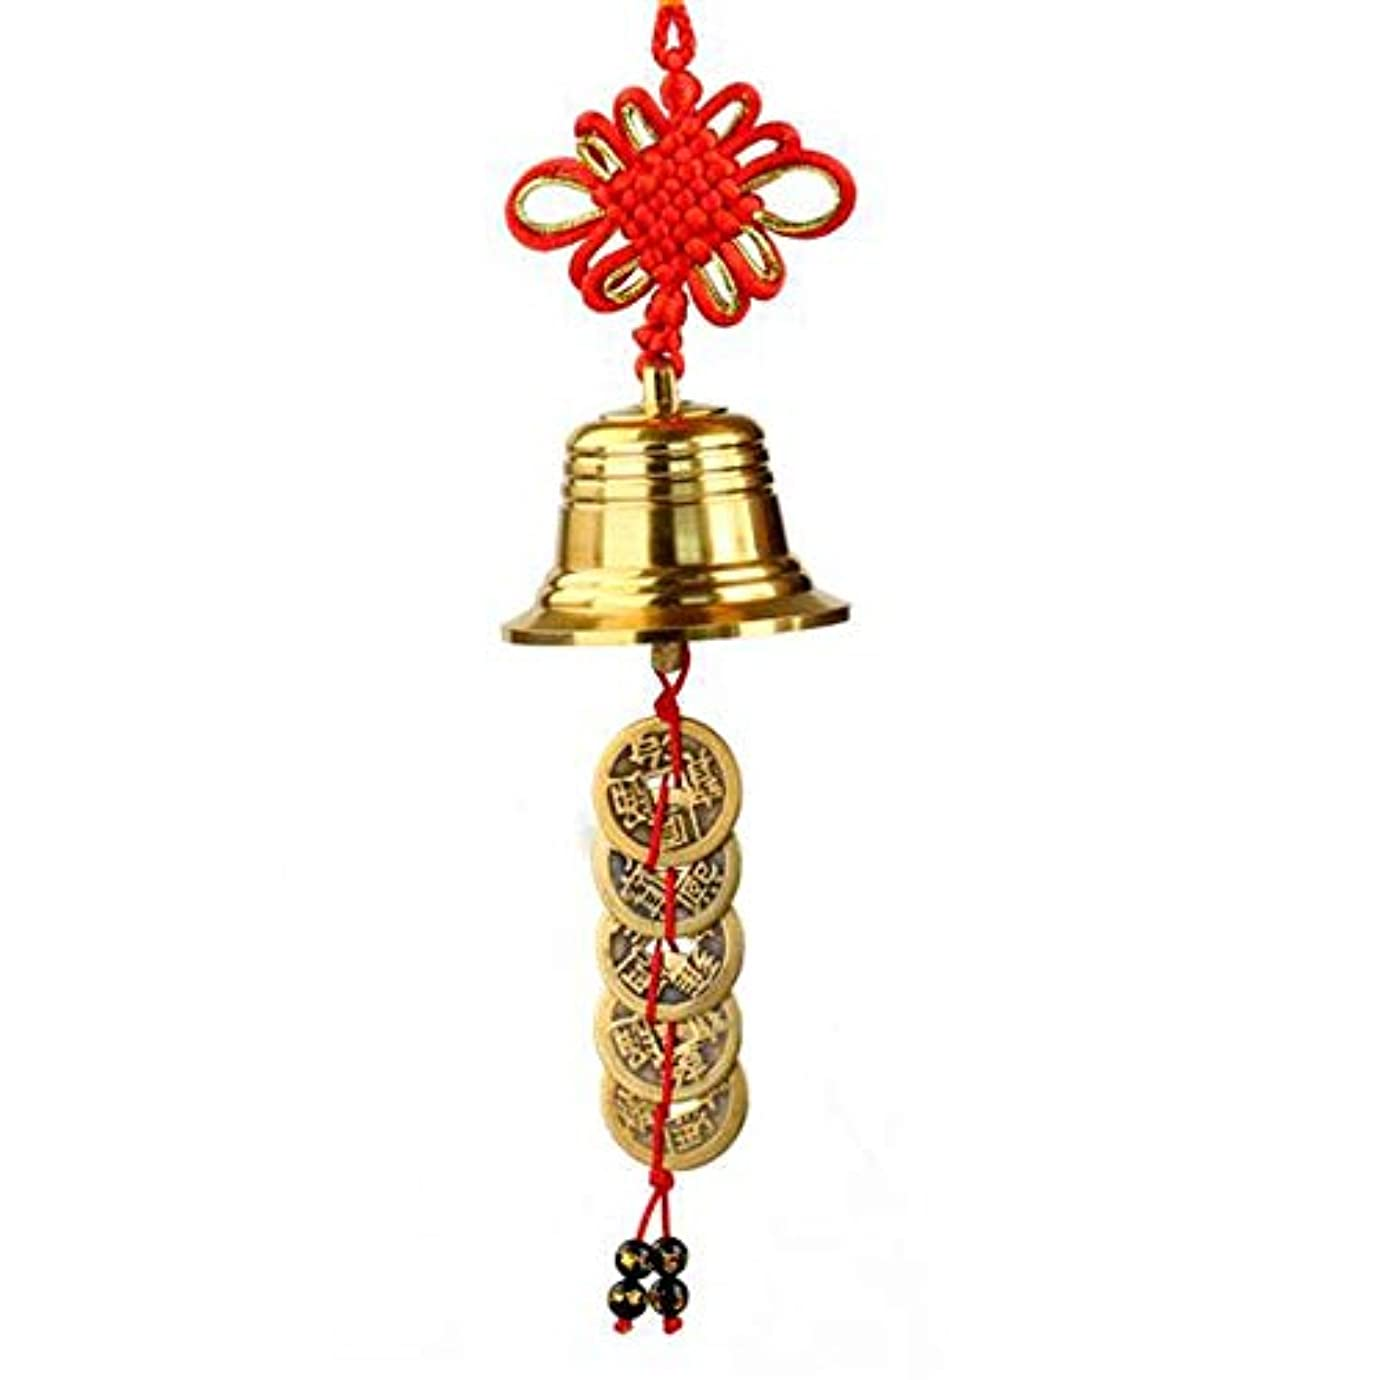 わずかなとは異なり沿ってJiansheng01-ou 風チャイム、中国のノット銅ベルホームデコレーション、ゴールド、サイズ28センチメートル 、シンプルな創造的な贈り物 (Size : 28*5cm)